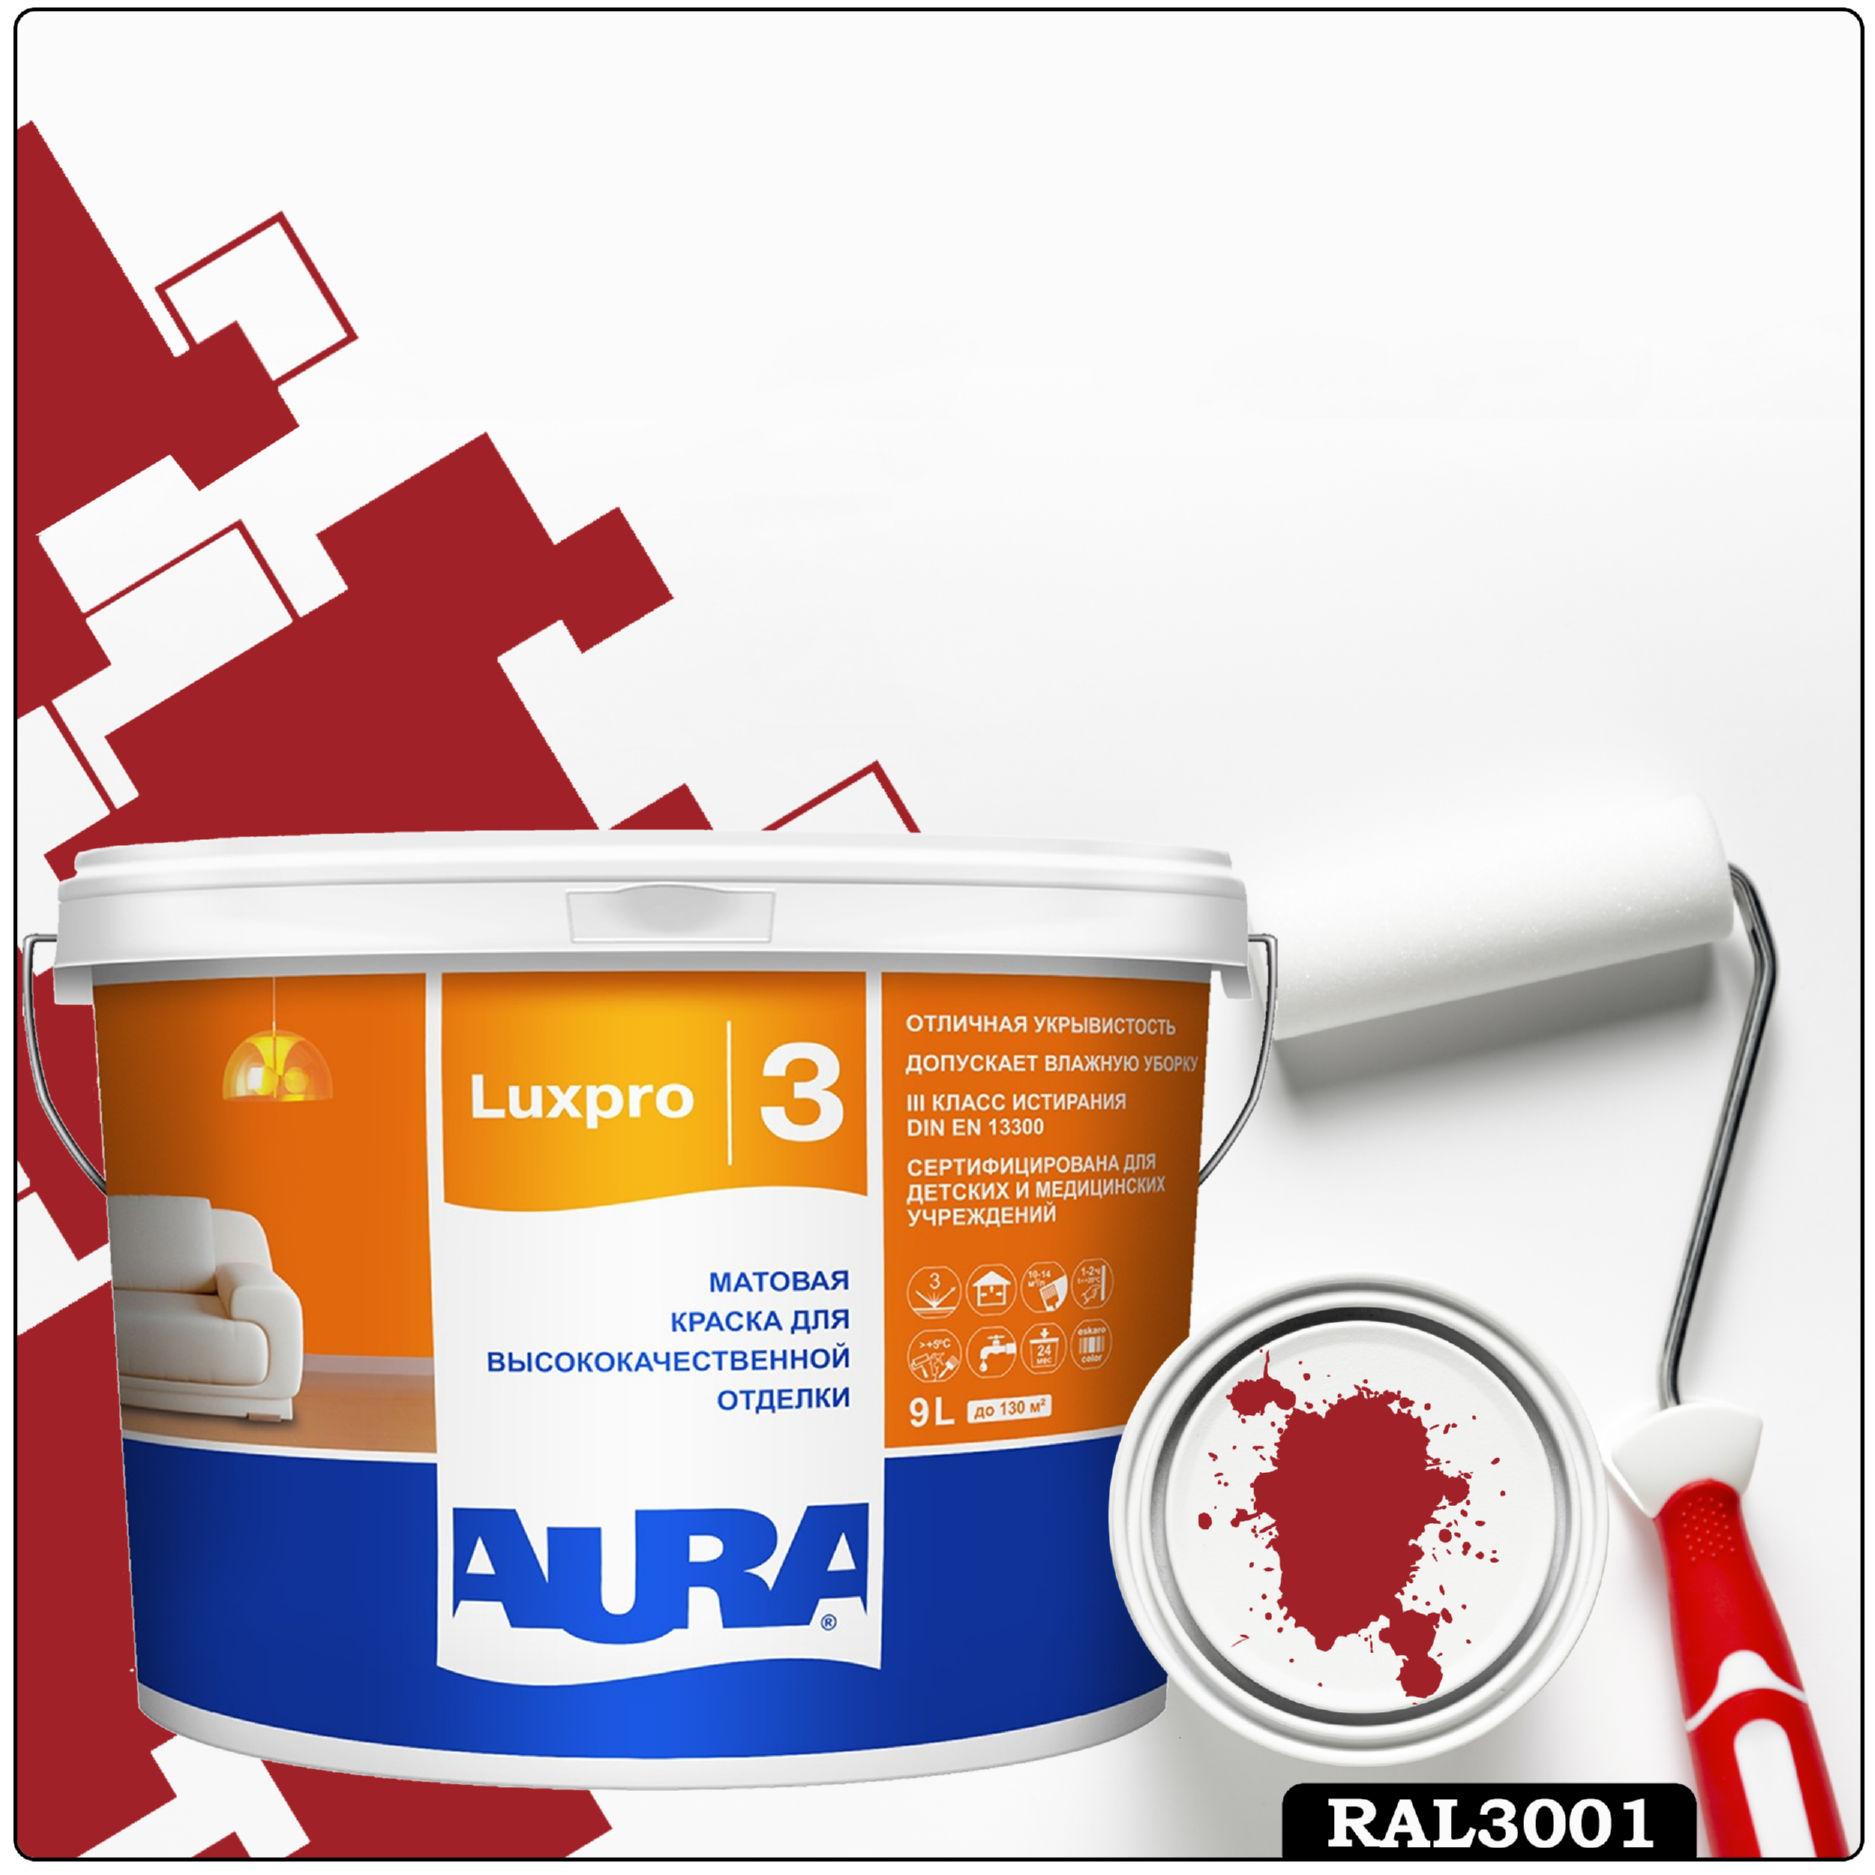 Фото 2 - Краска Aura LuxPRO 3, RAL 3001 Сигнальный-красный, латексная, шелково-матовая, интерьерная, 9л, Аура.